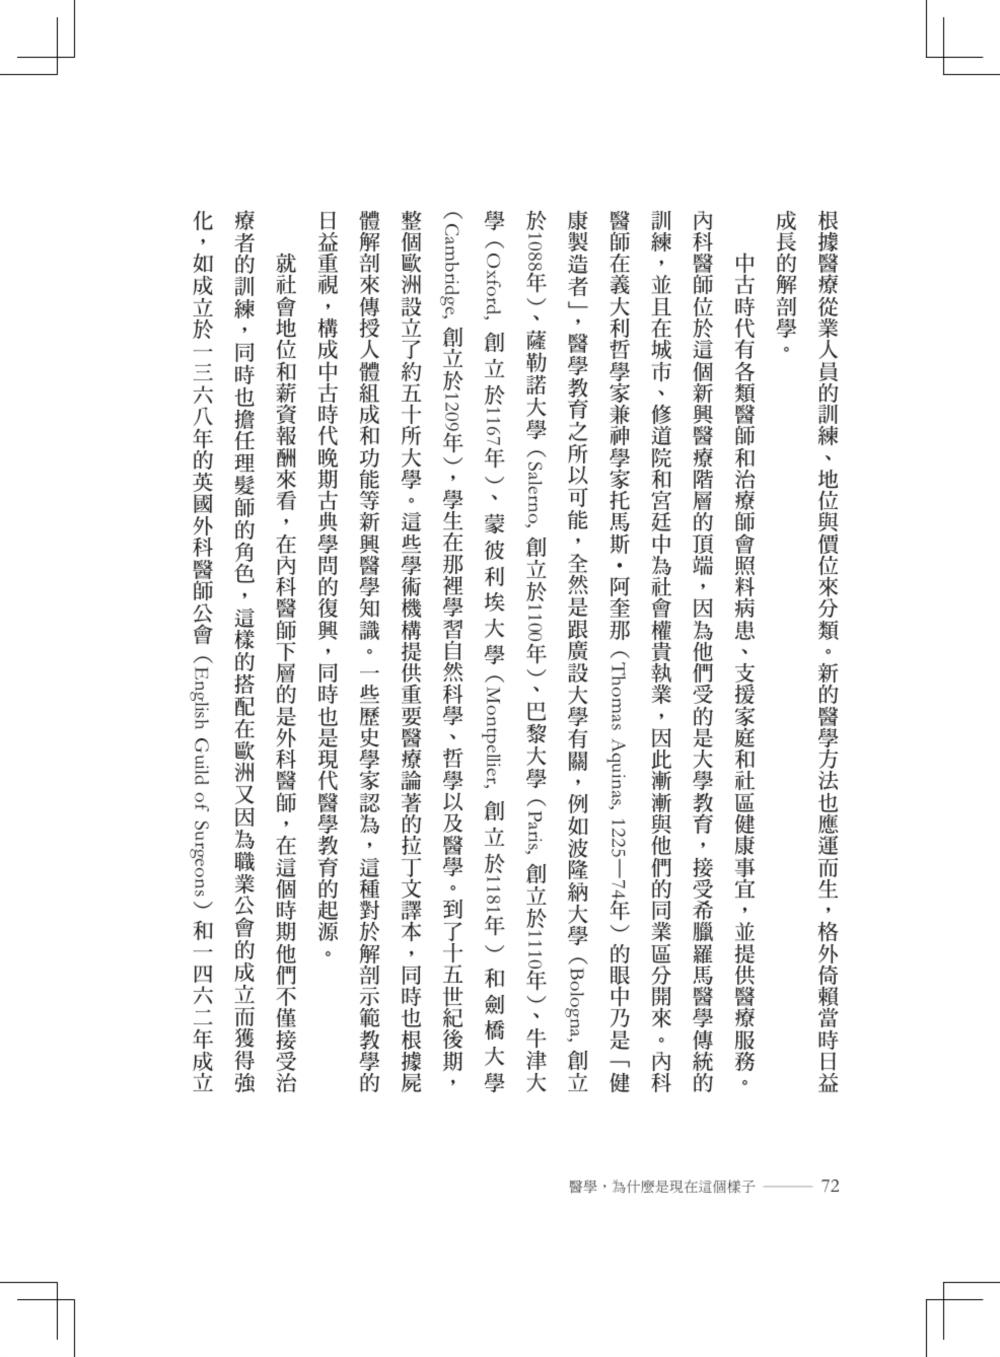 http://im1.book.com.tw/image/getImage?i=http://www.books.com.tw/img/001/072/55/0010725528_b_02.jpg&v=57c3d691&w=655&h=609